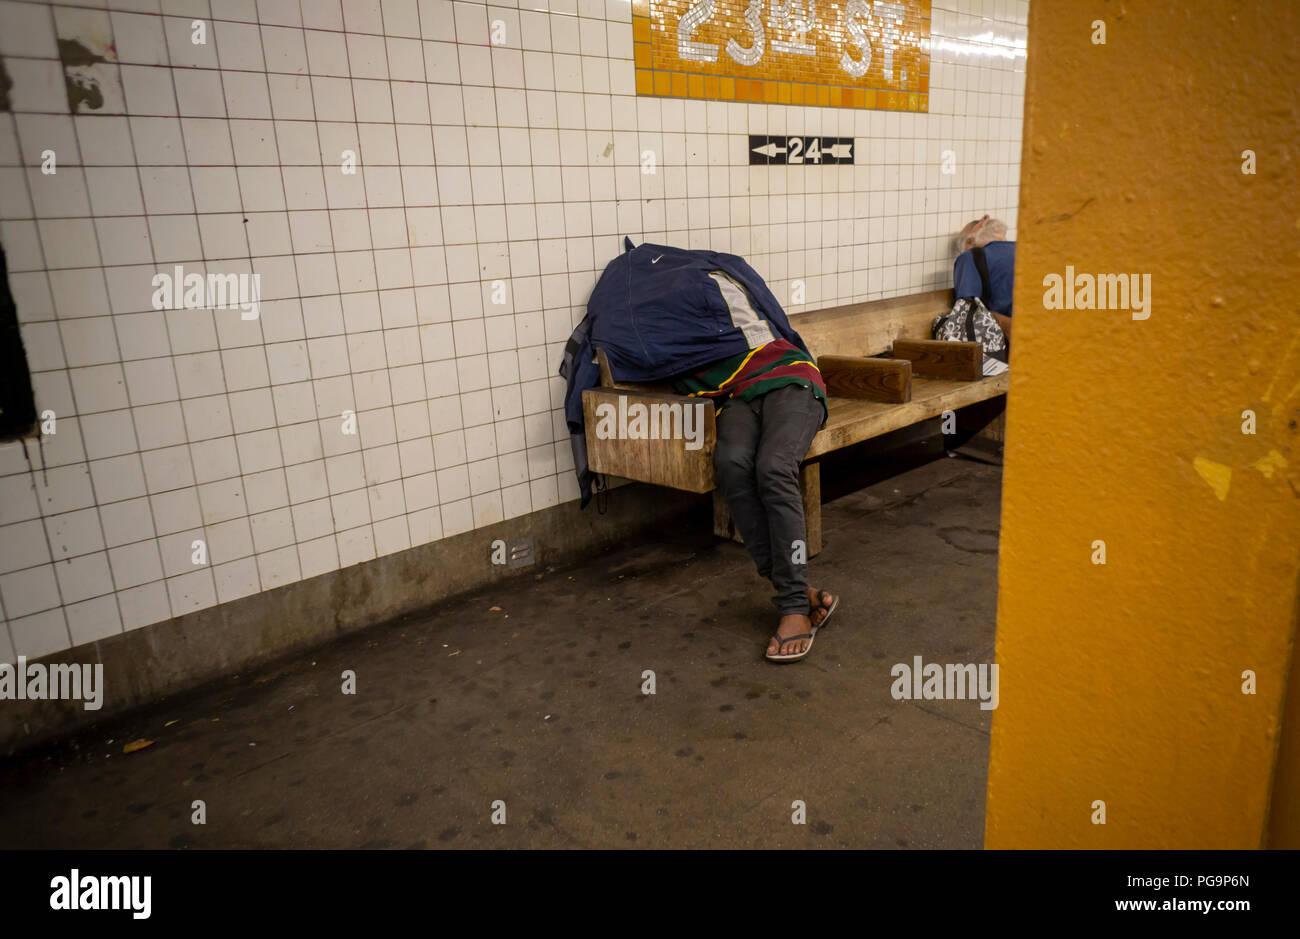 Eine obdachlose Person gesehen in der West 23. Straße ind der U-Bahn Station in New York am Mittwoch schlafen, 22. August 2018. (© Richard B. Levine) Stockbild